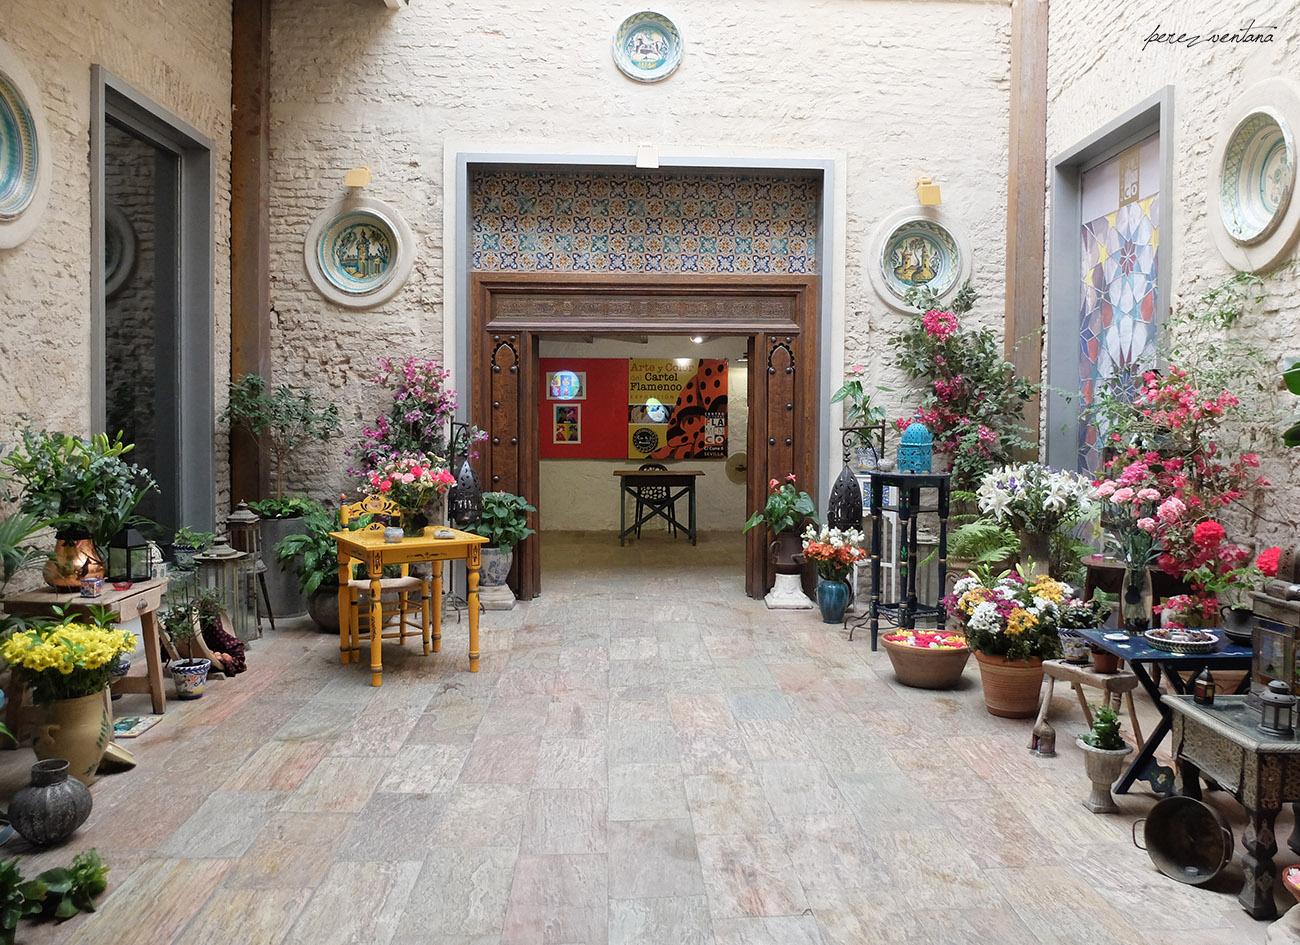 El fabuloso patio arabigoandalusí de la Casa de la Memoria. Sospechamos que esto debe ser fruto del buen gusto de Rosana de Aza, la fundadora de este singular templo flamenco. Foto: Quico Pérez-Ventana